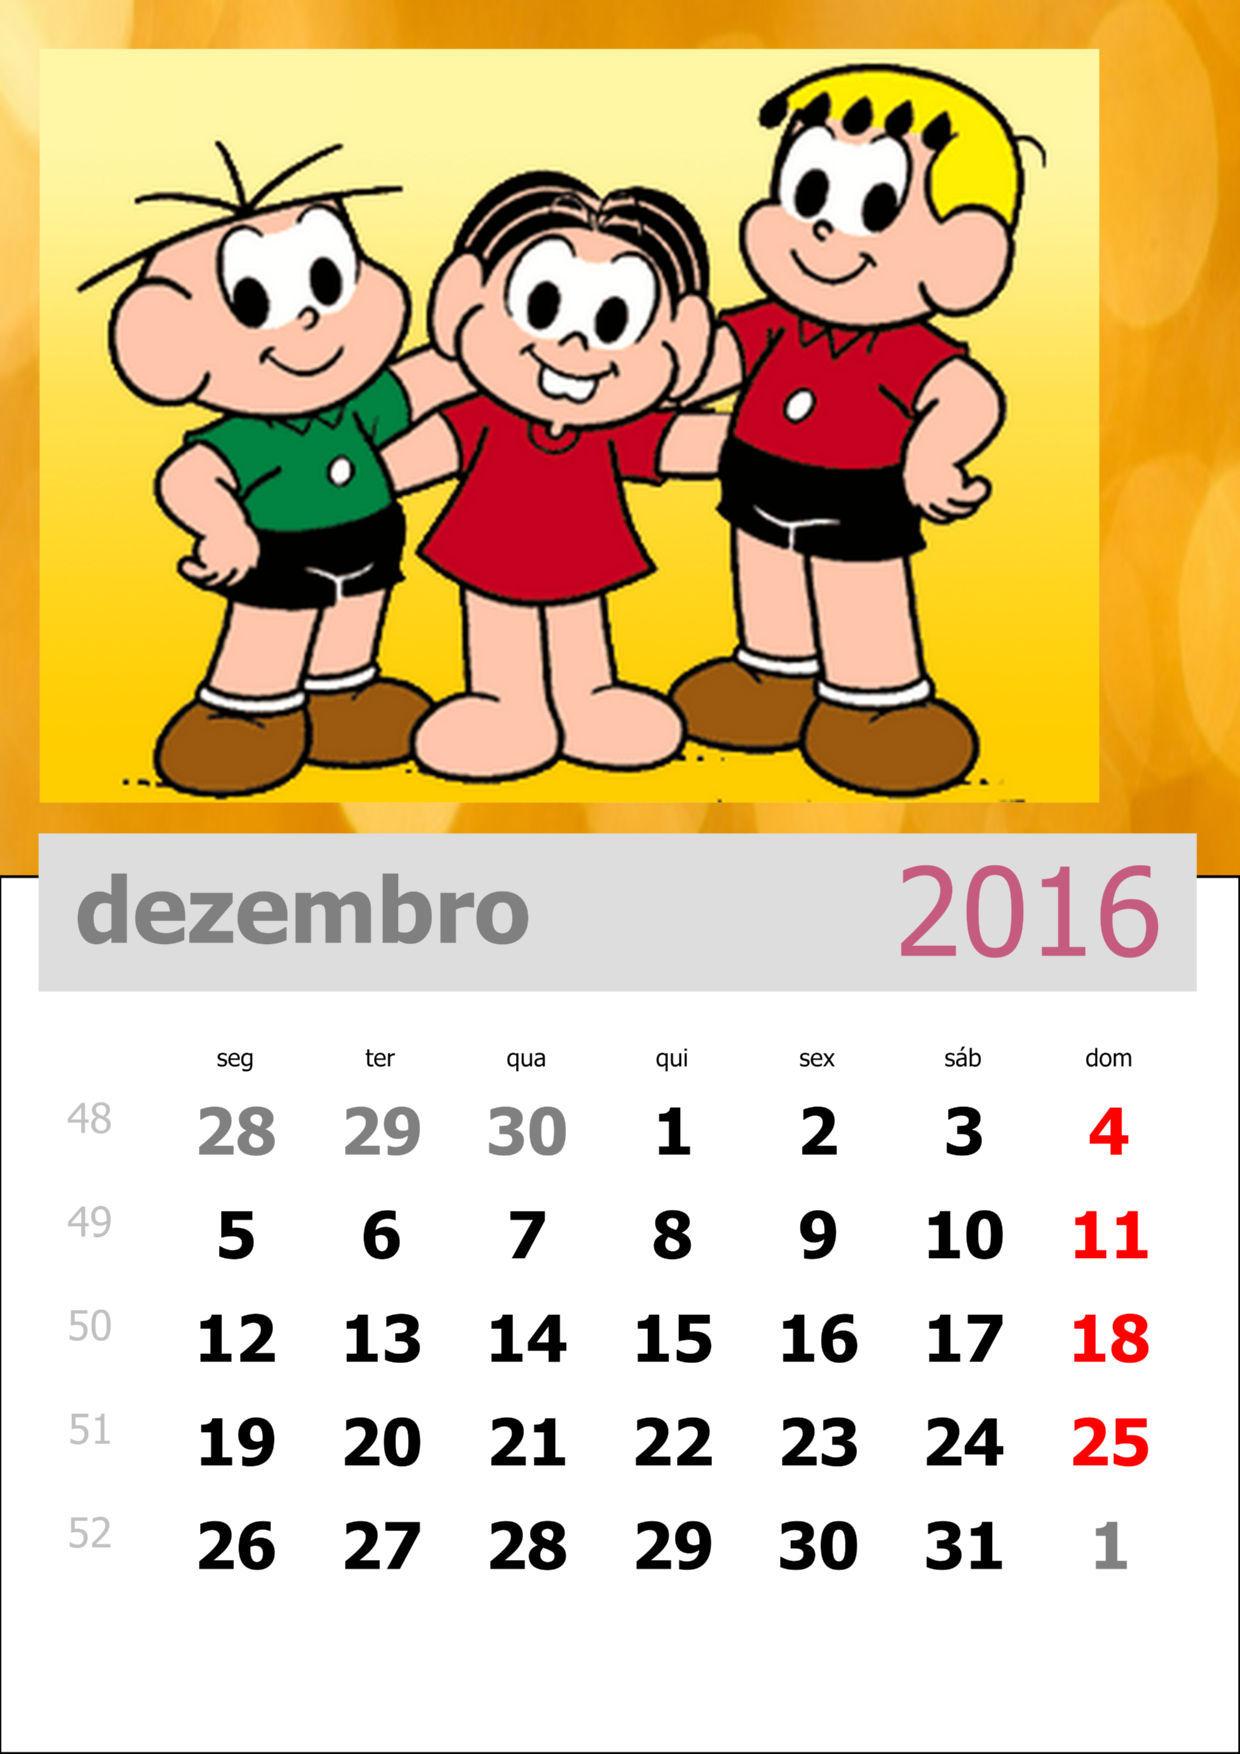 Calendário da Turma da Mônica 2016 - Mês de dezembro